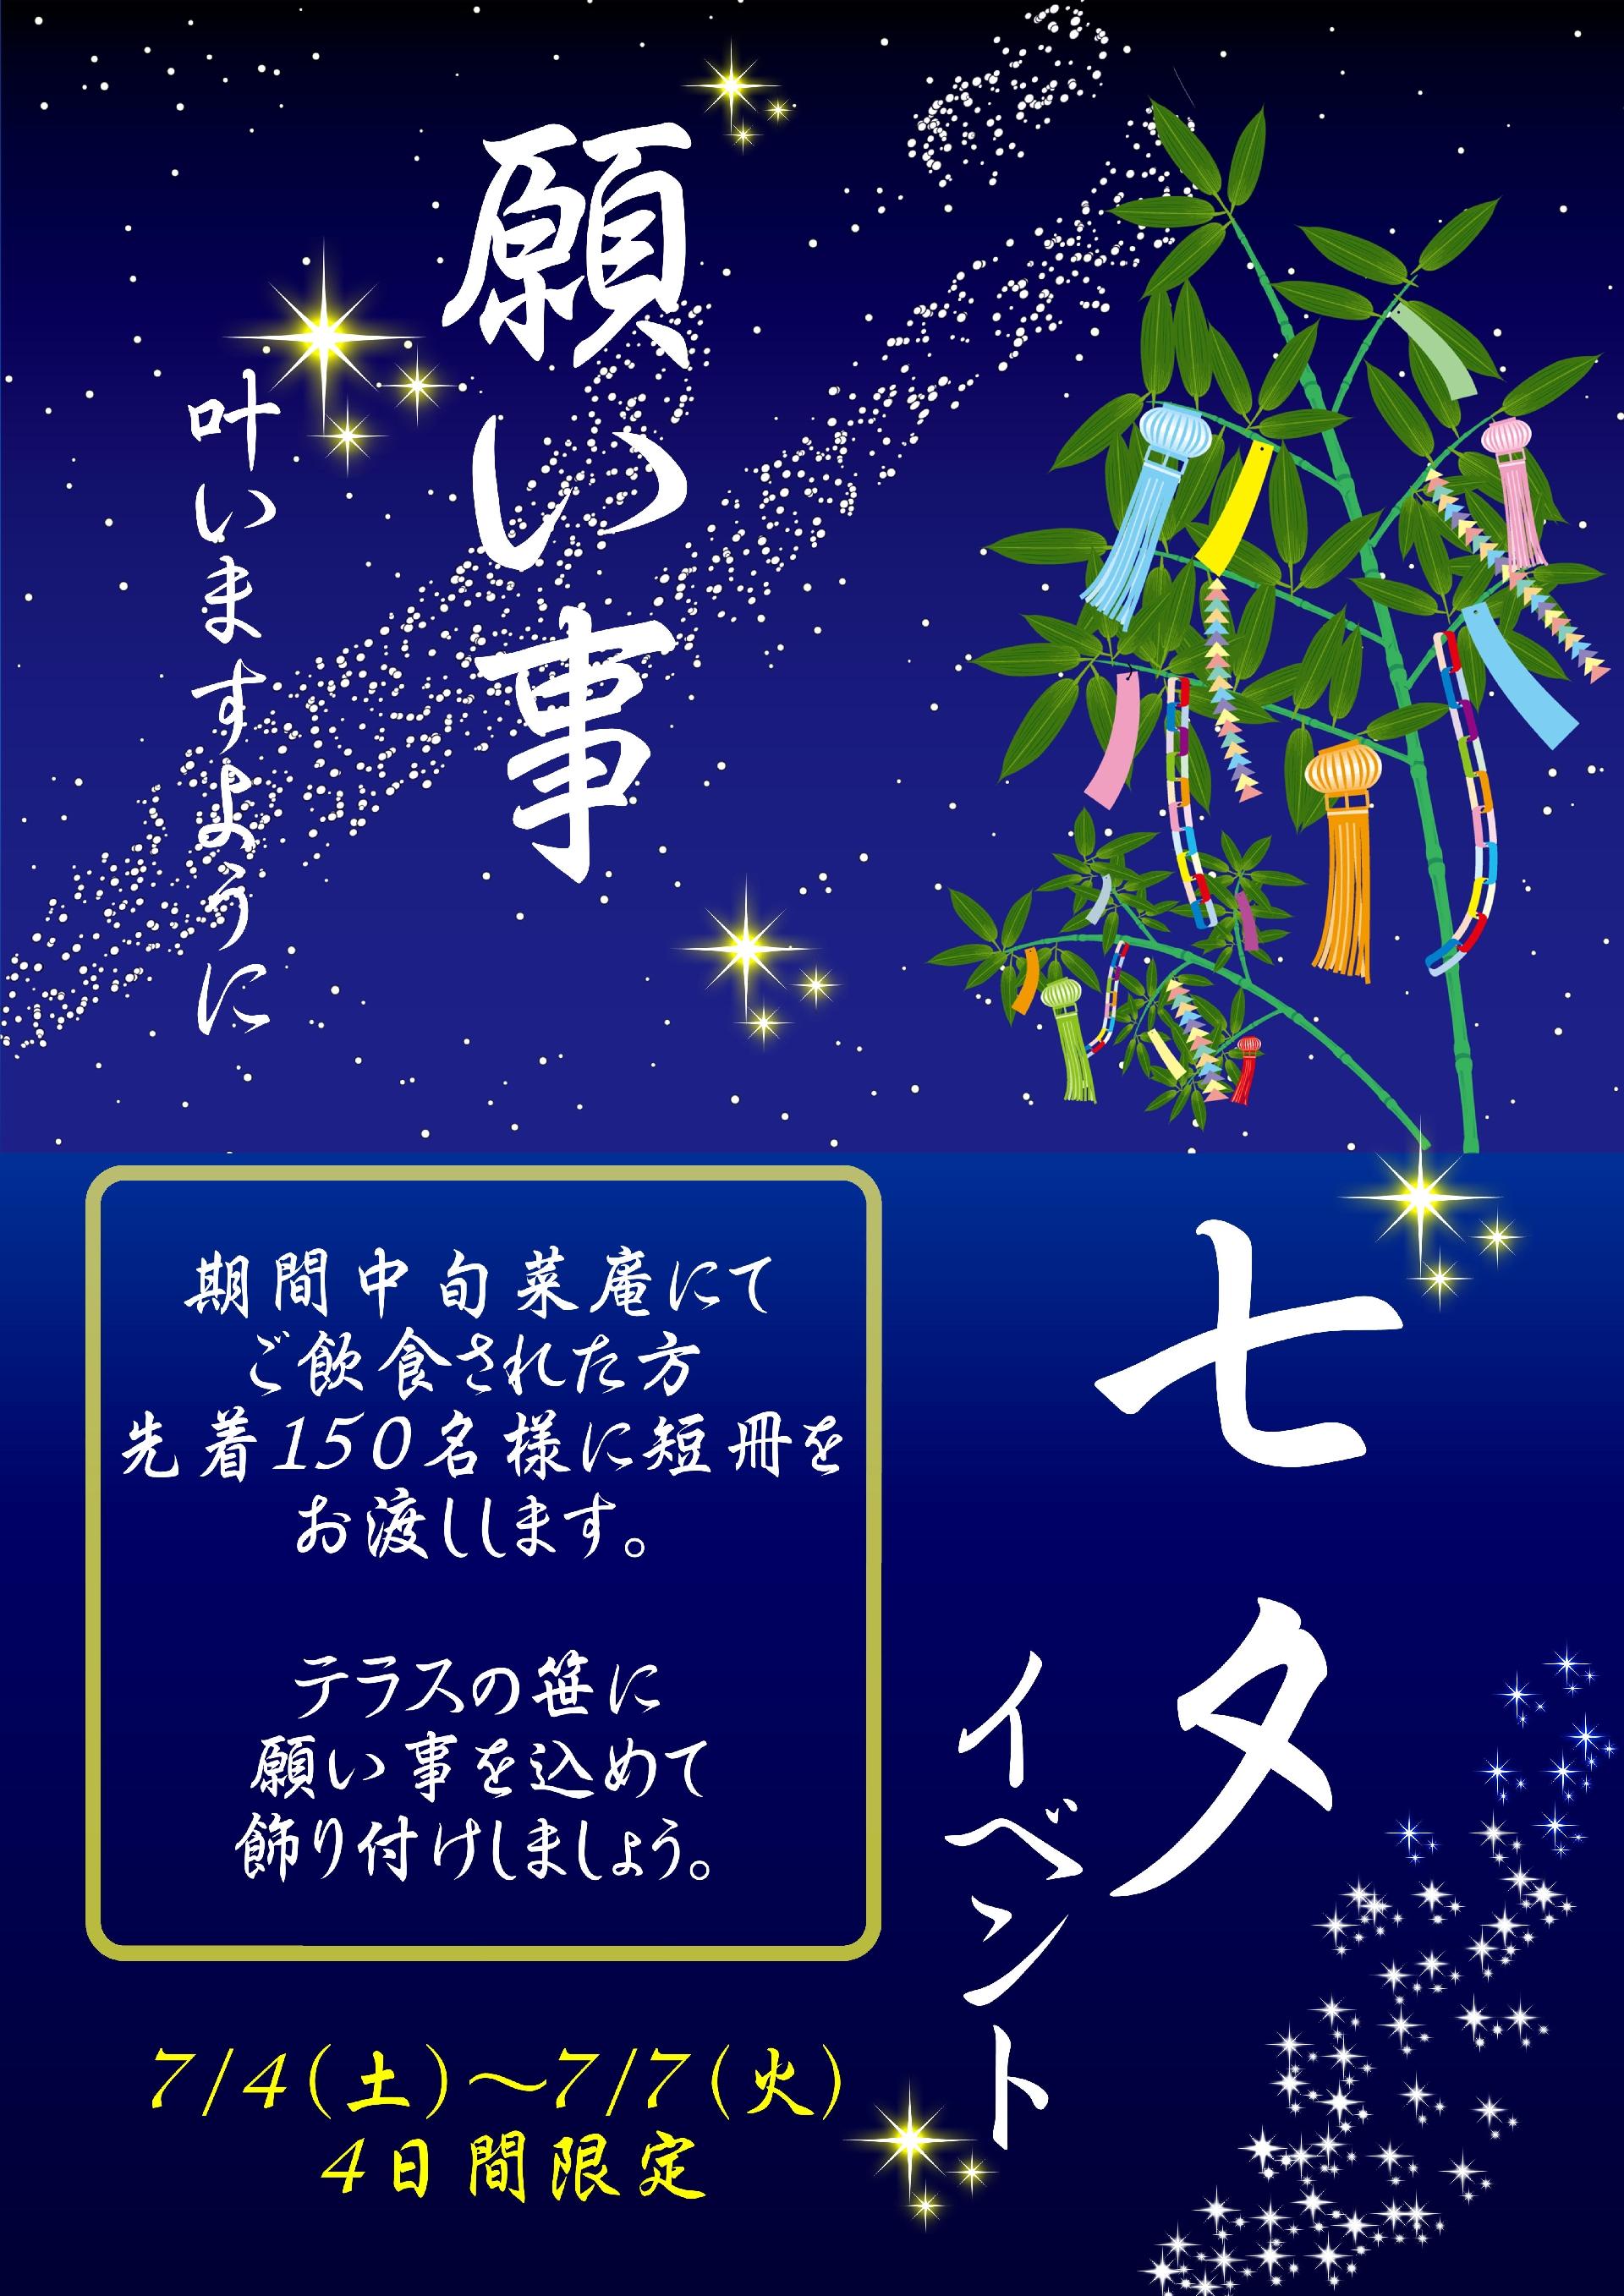 2020七夕イベントブログ